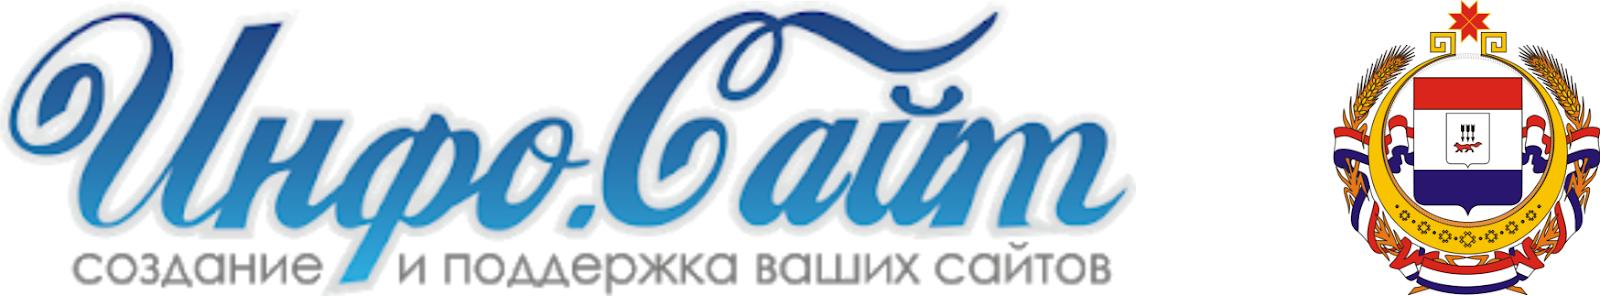 Мордовия 🌍 Новости : Информационный агрегатор Инфо-Сайт